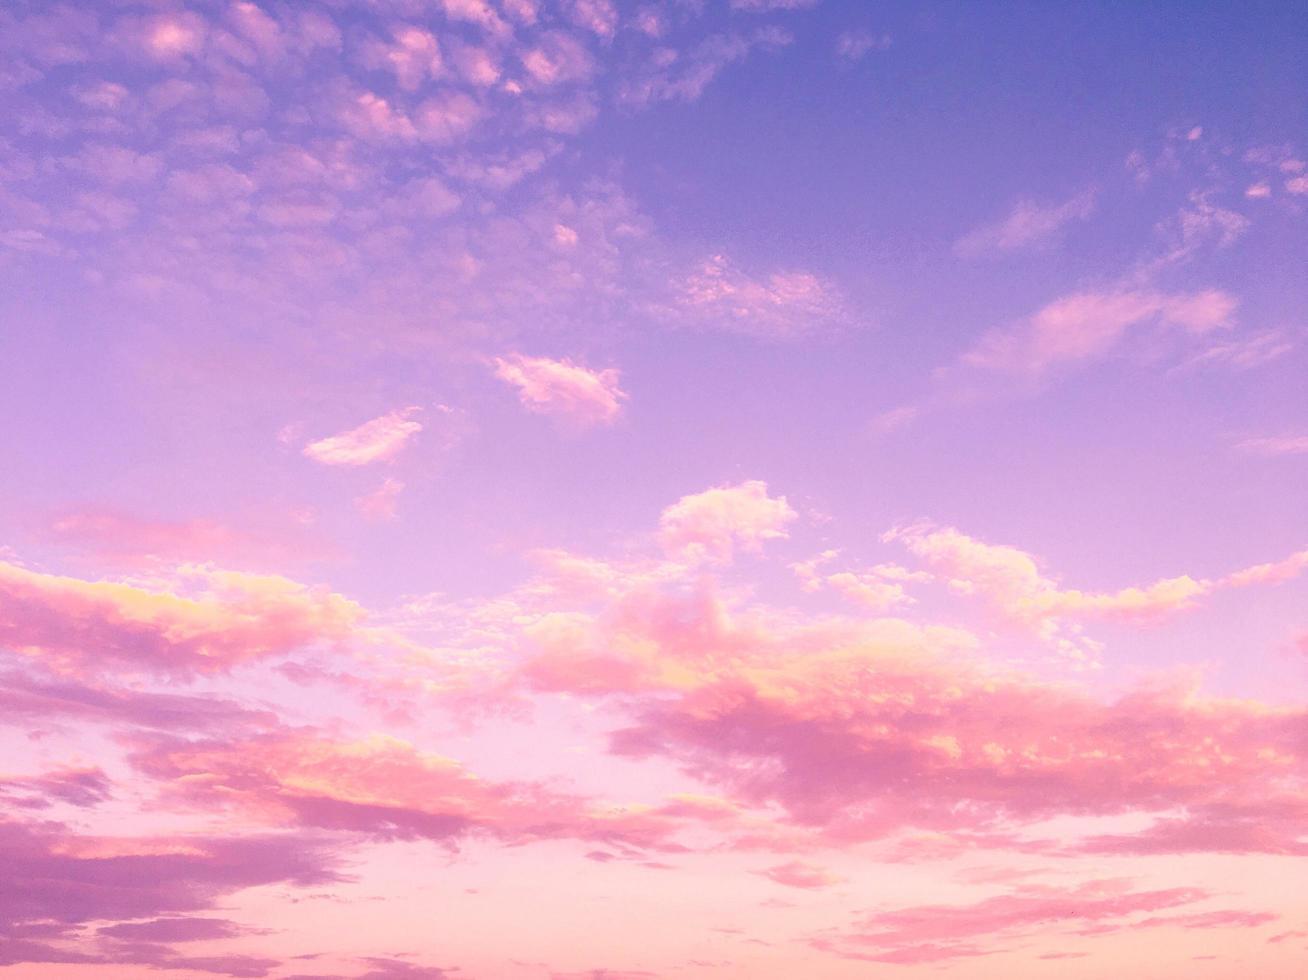 nuvens cor de rosa e céu azul roxo foto